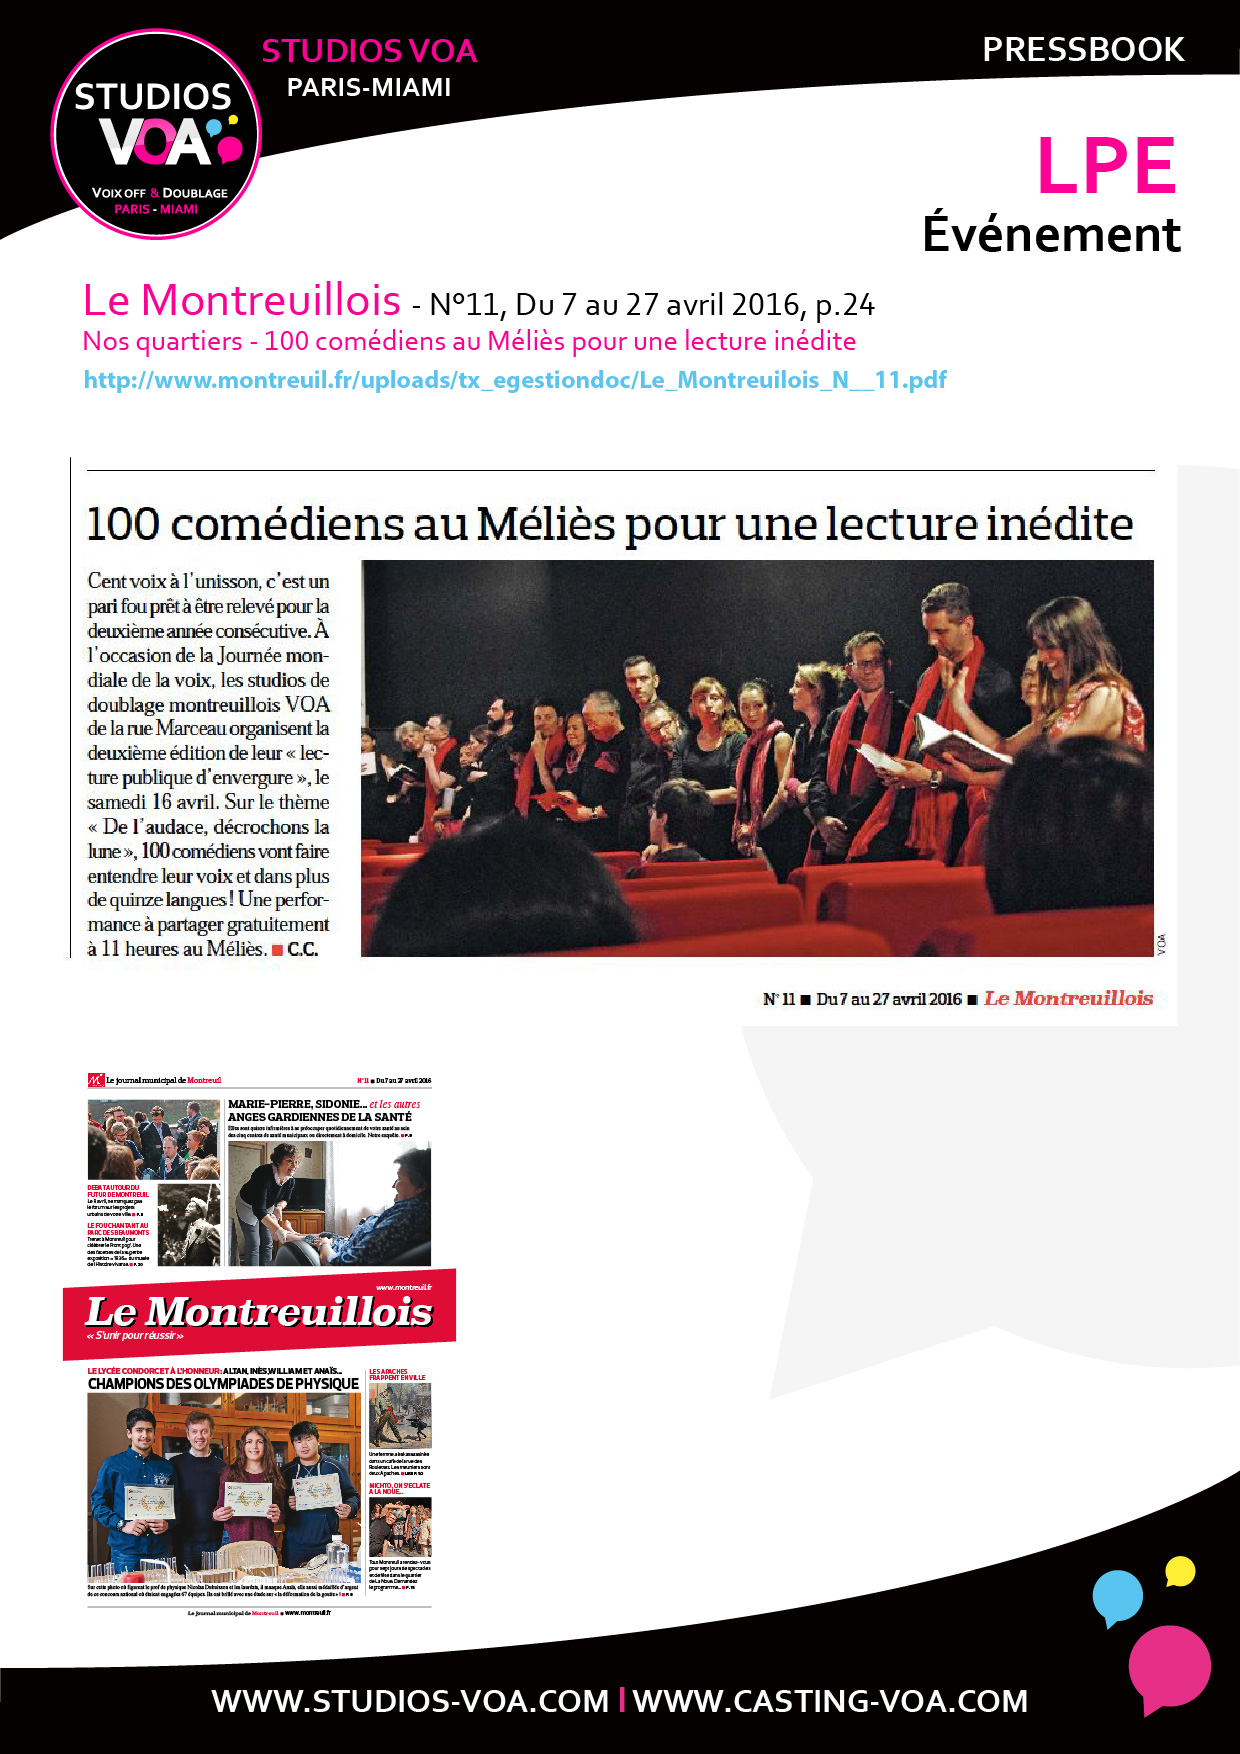 Pressbook-VOA_160509_Plan-de-travail-LPE-Le-Montreuillois